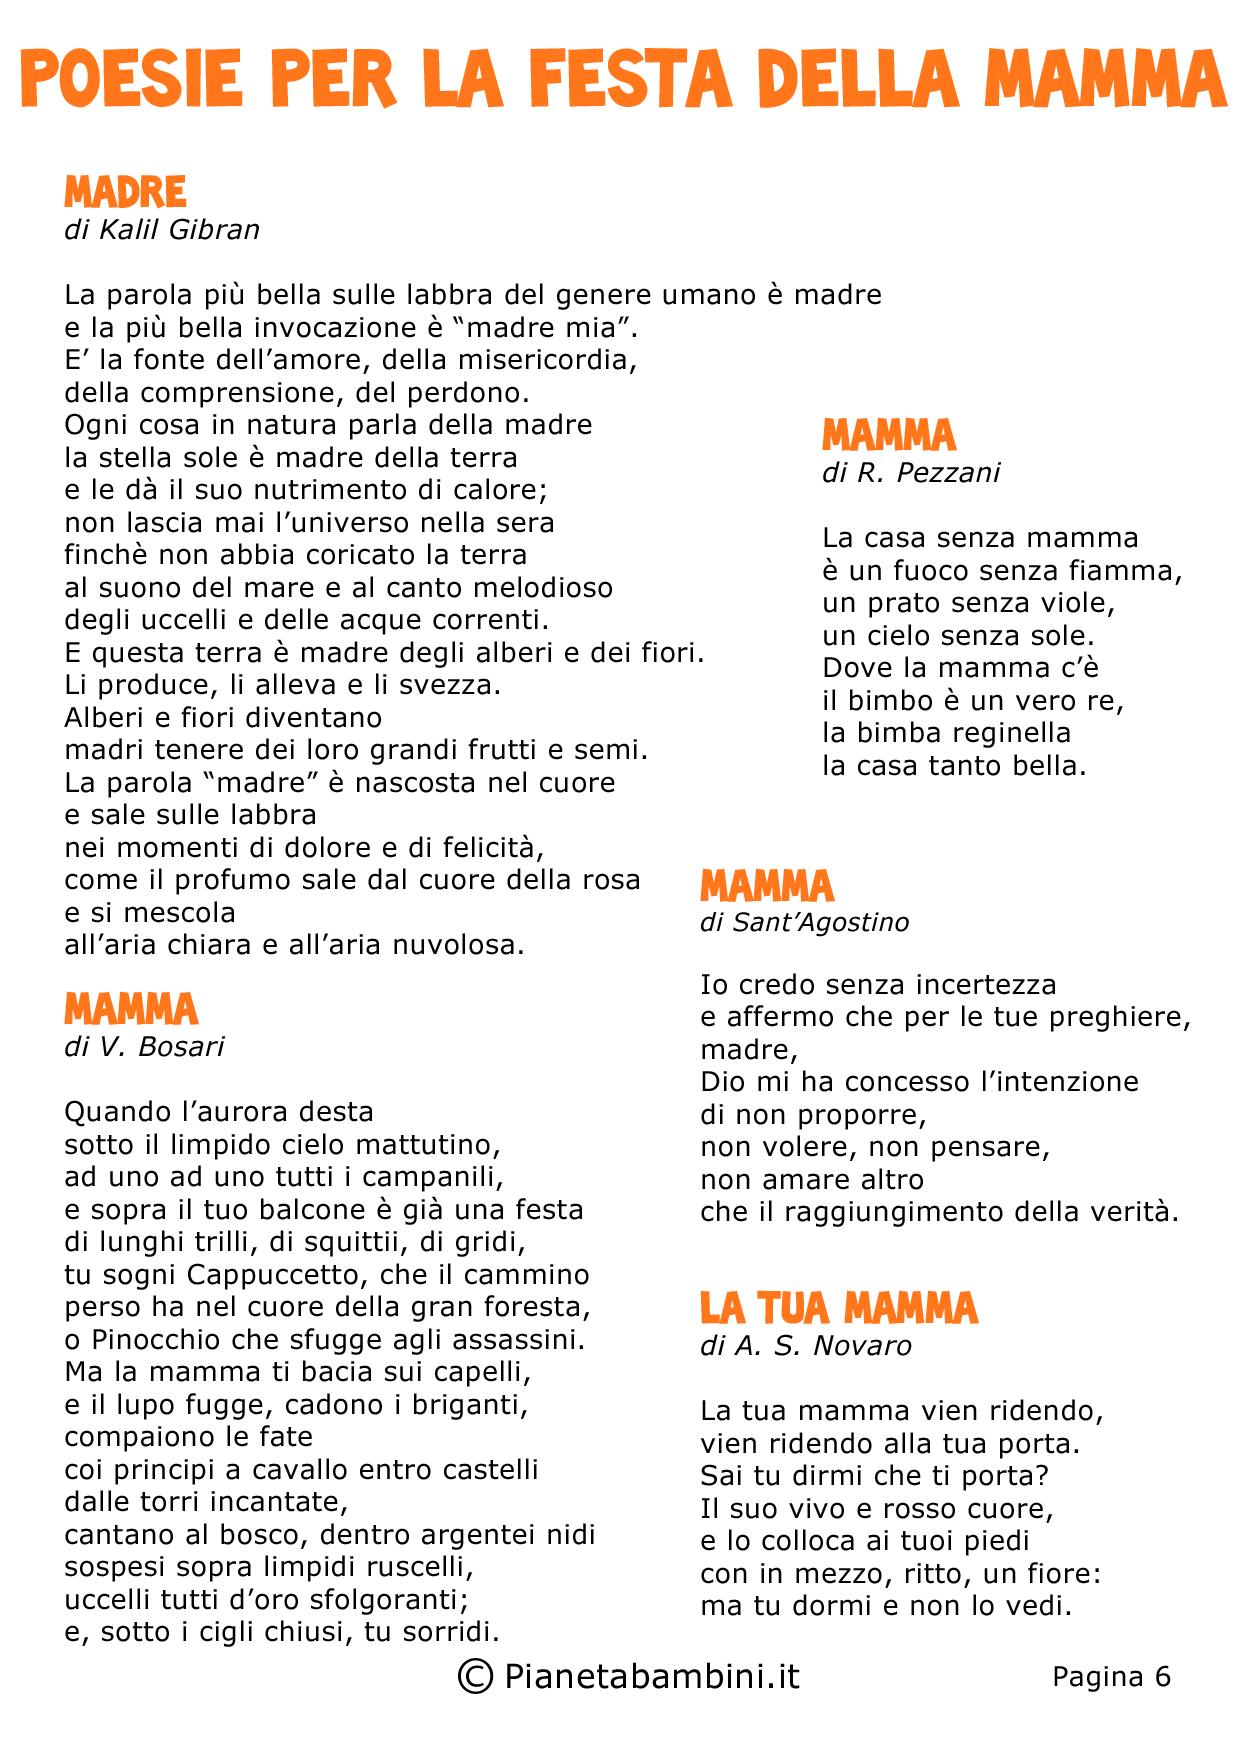 Poesie-Festa-Mamma-06